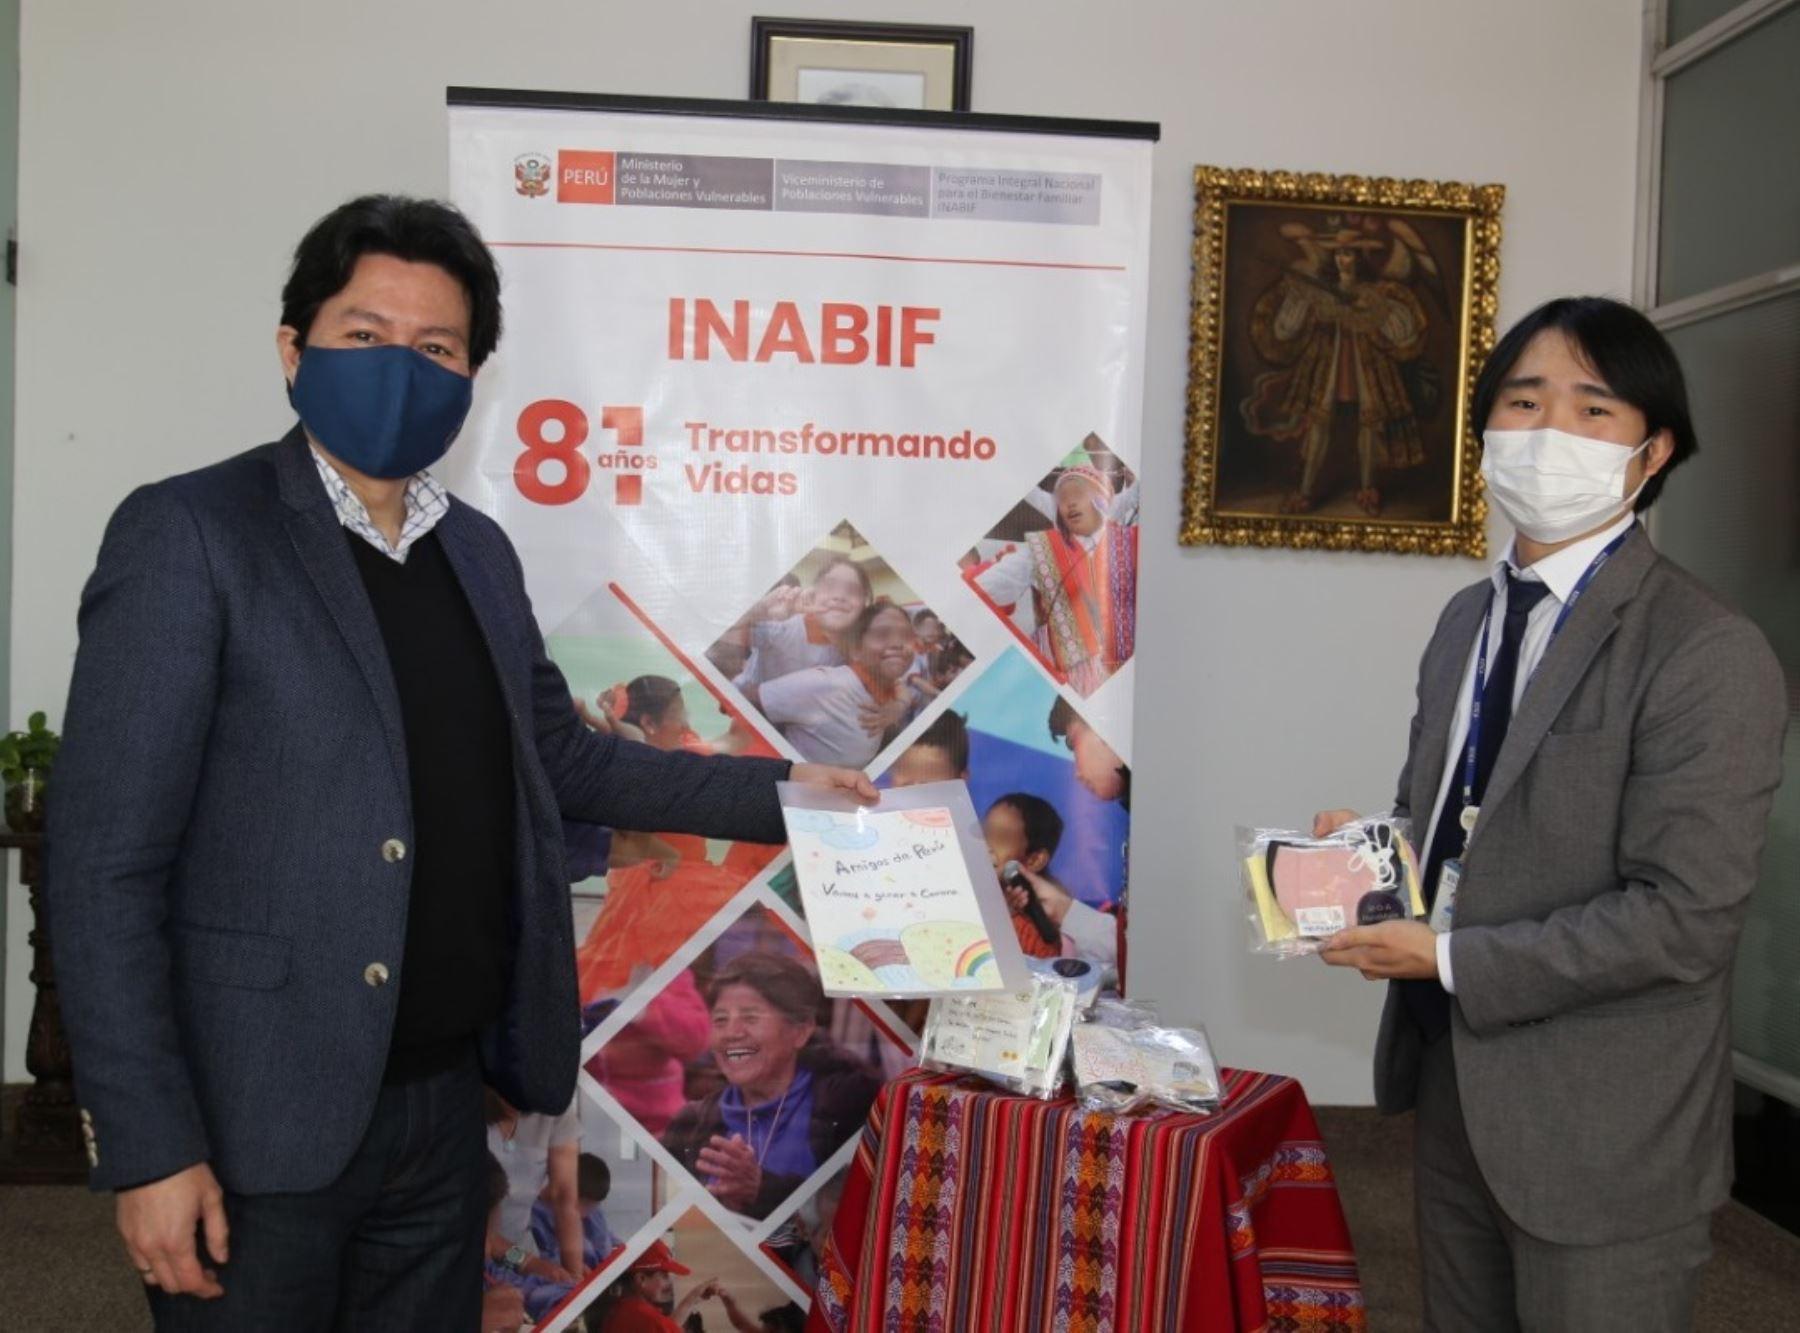 Agencia coreana Koica dona mascarillas a niños y niñas con discapacidad del Inabif | Noticias